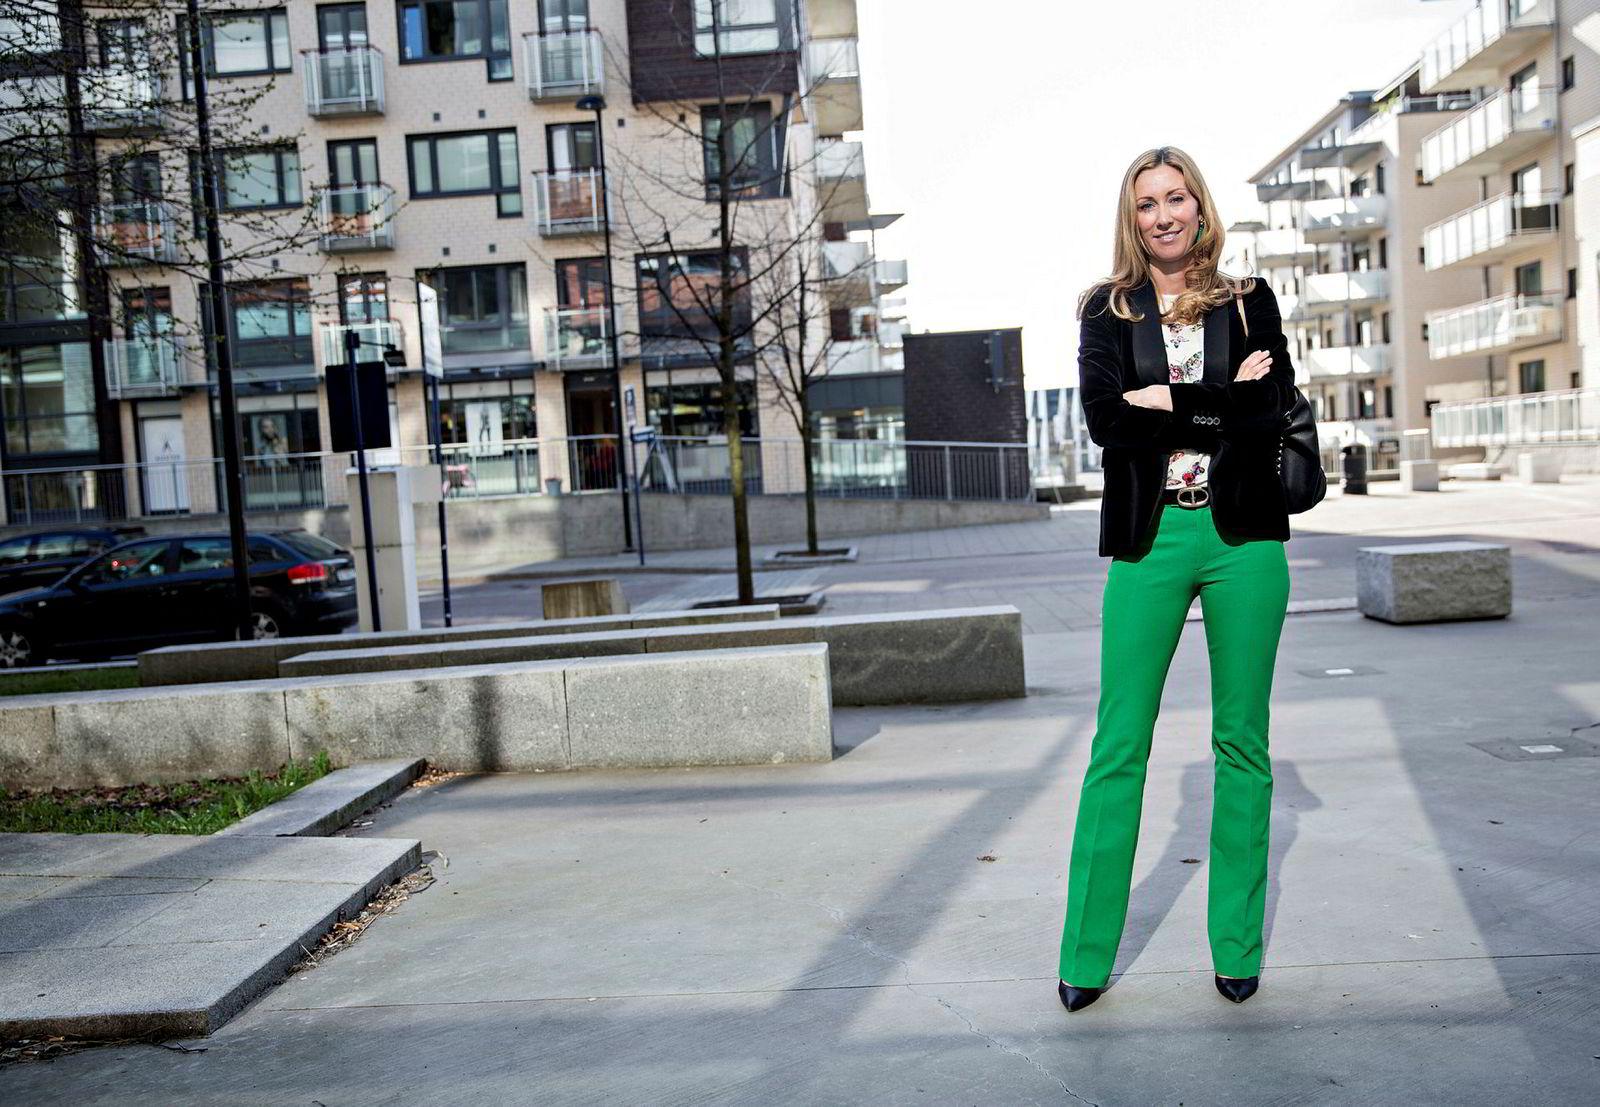 Administrerende direktør Hedda Ulvness  i Eie Eiendomsmegling har solgt 19 prosent færre boliger i april sammenlignet med ifjor.